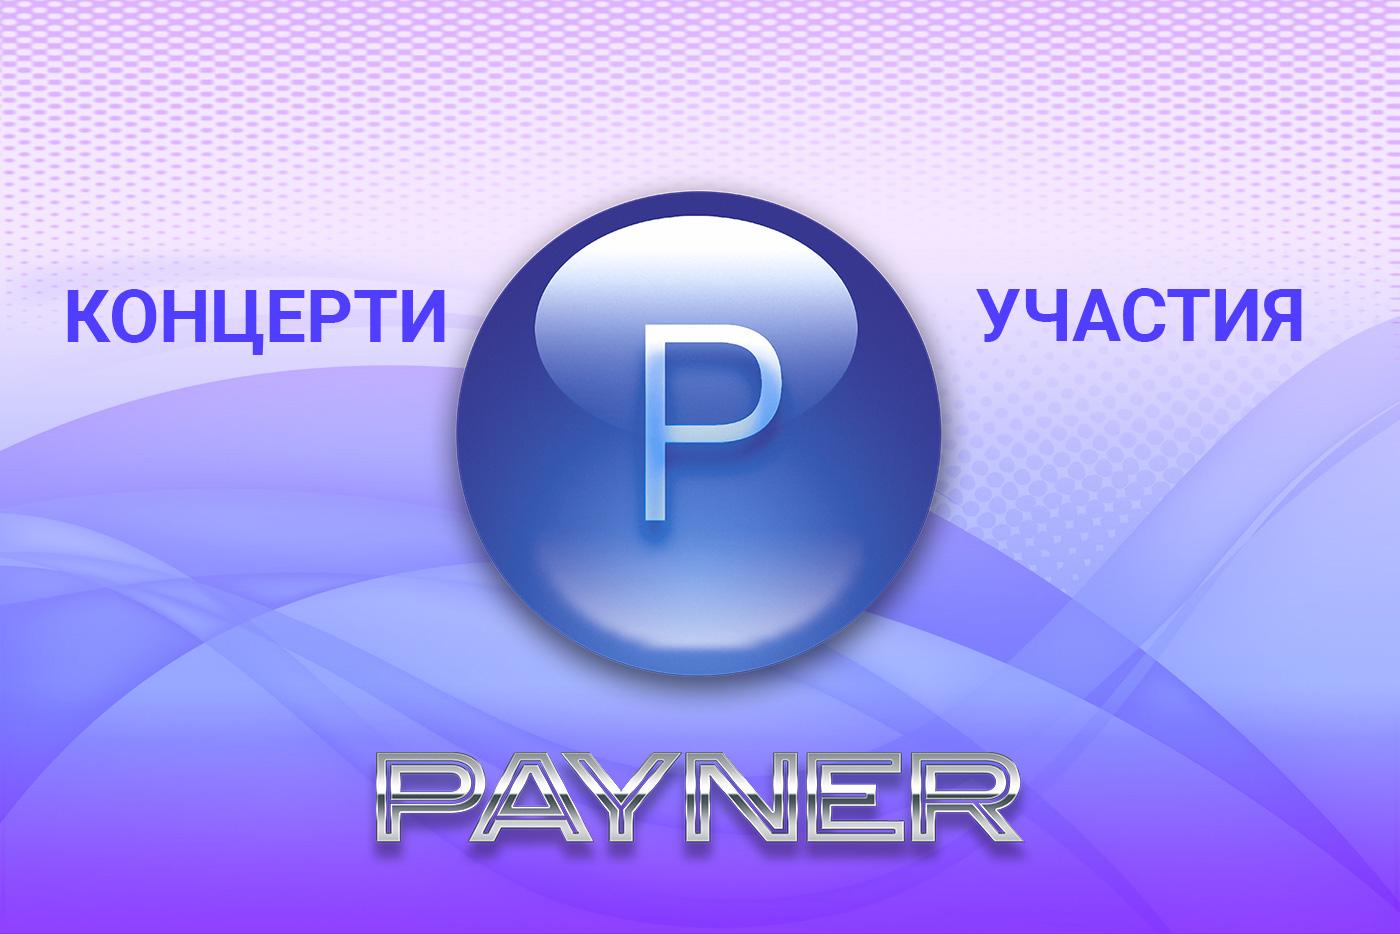 """Участия на звездите на """"Пайнер"""" на 16.10.2019"""